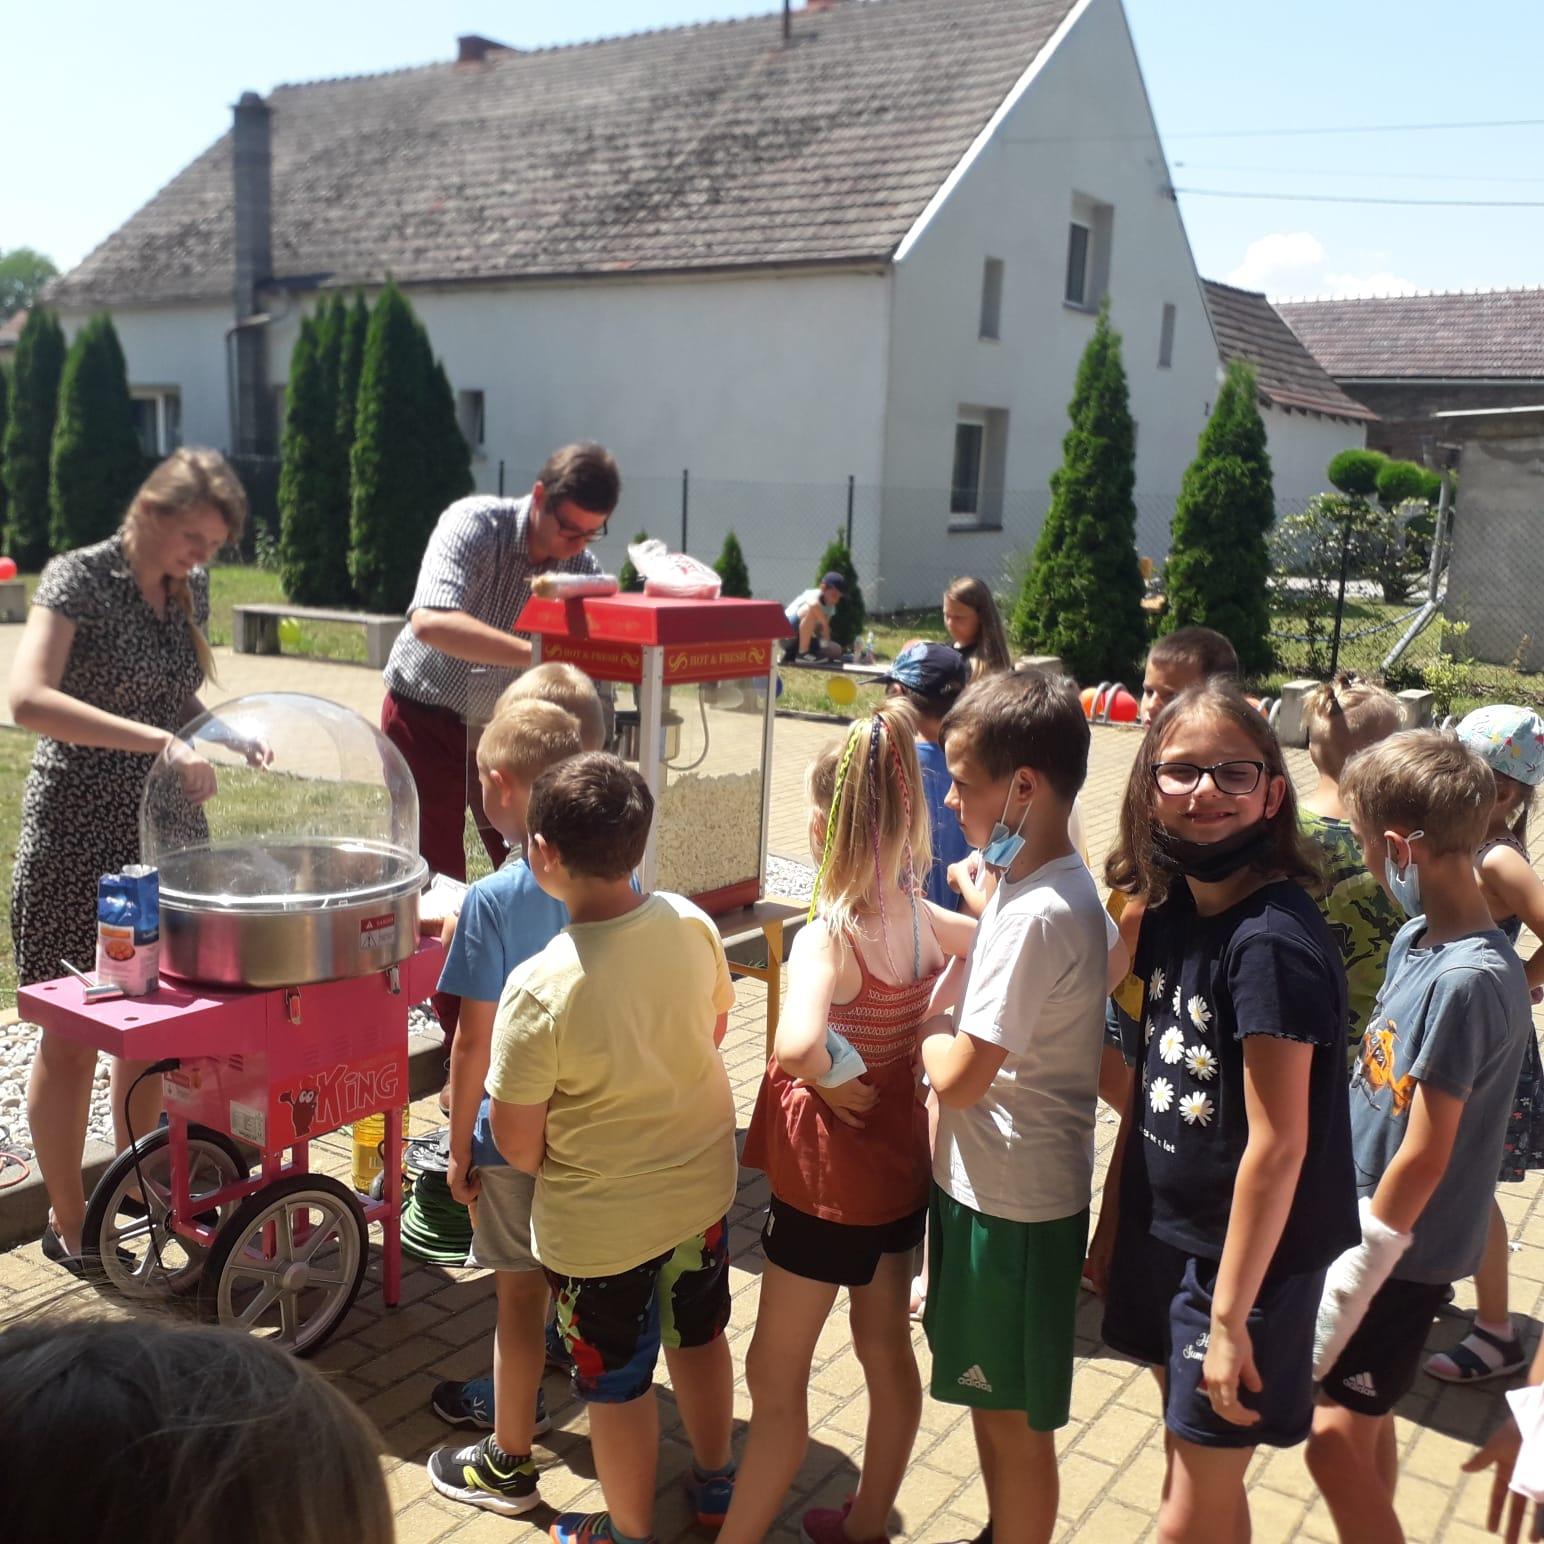 kręcenie waty oraz popcorn dla dzieci, kolejka dzieci przed smakołykami